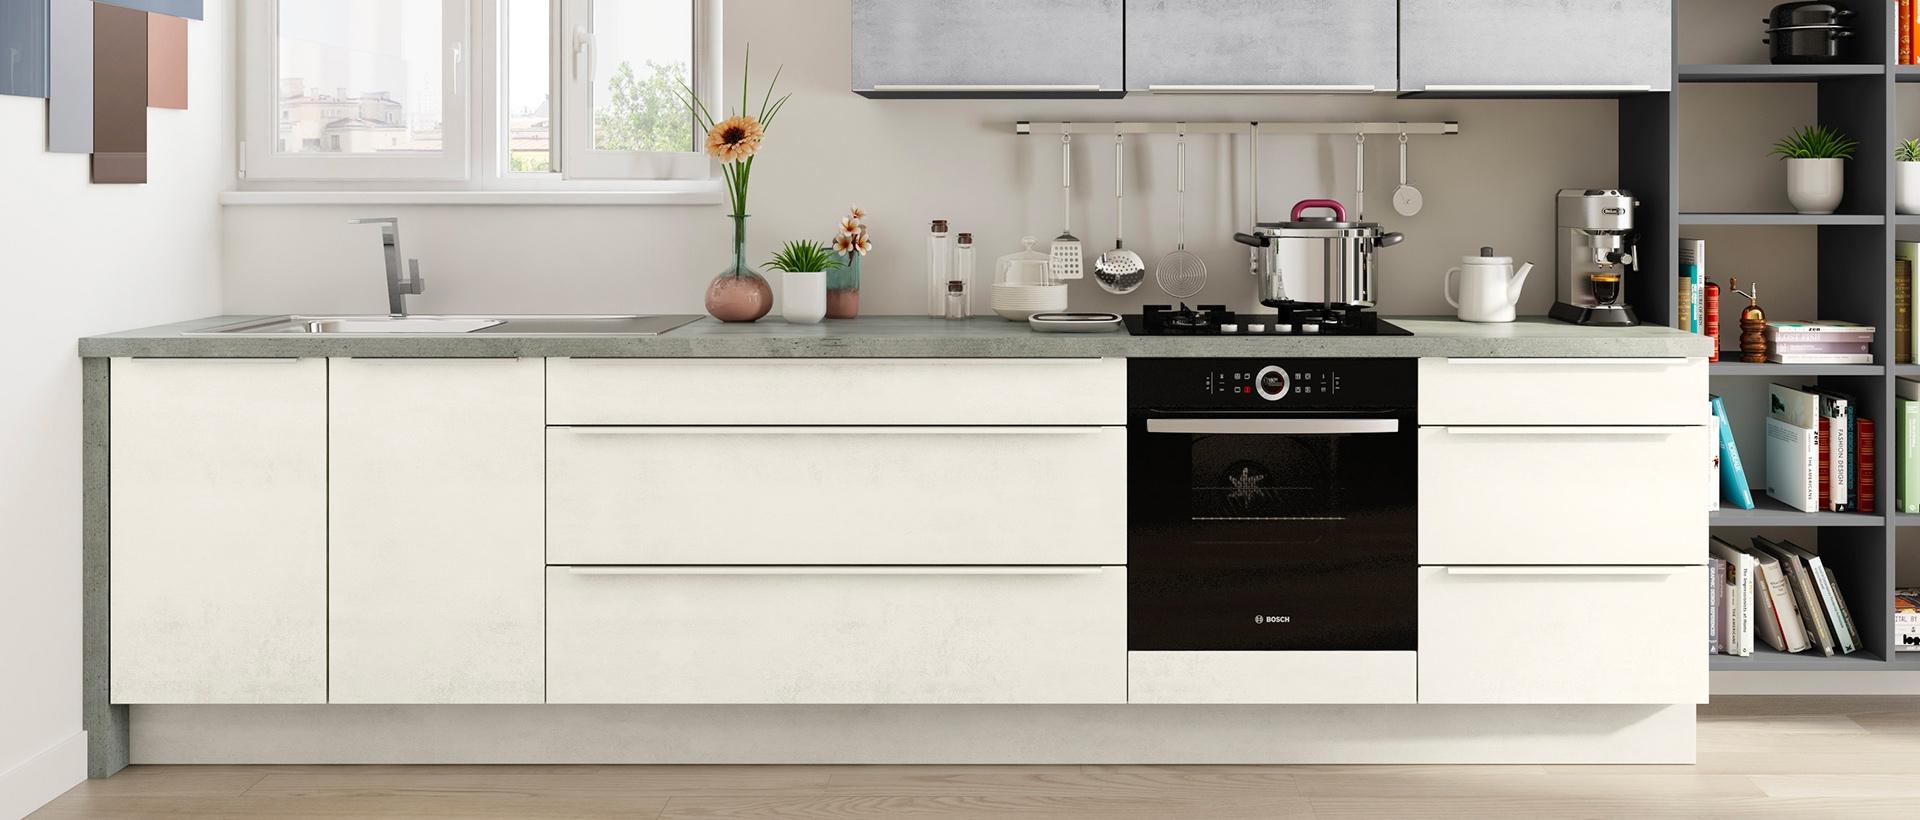 But Cuisines Cuisine Equipee Moderne Kitchenette Meubles De